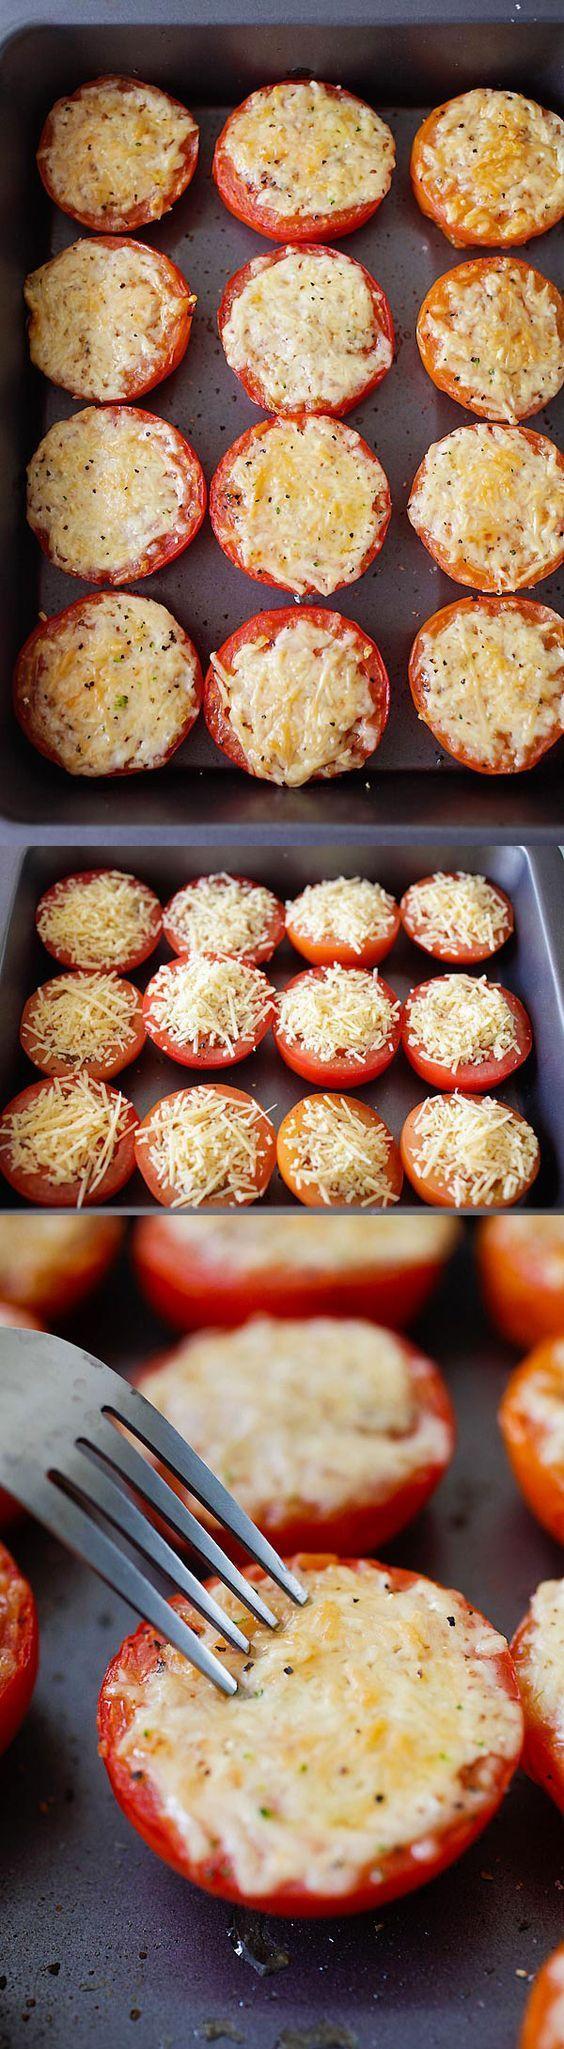 Tomates al horno con parmesano. 25 min